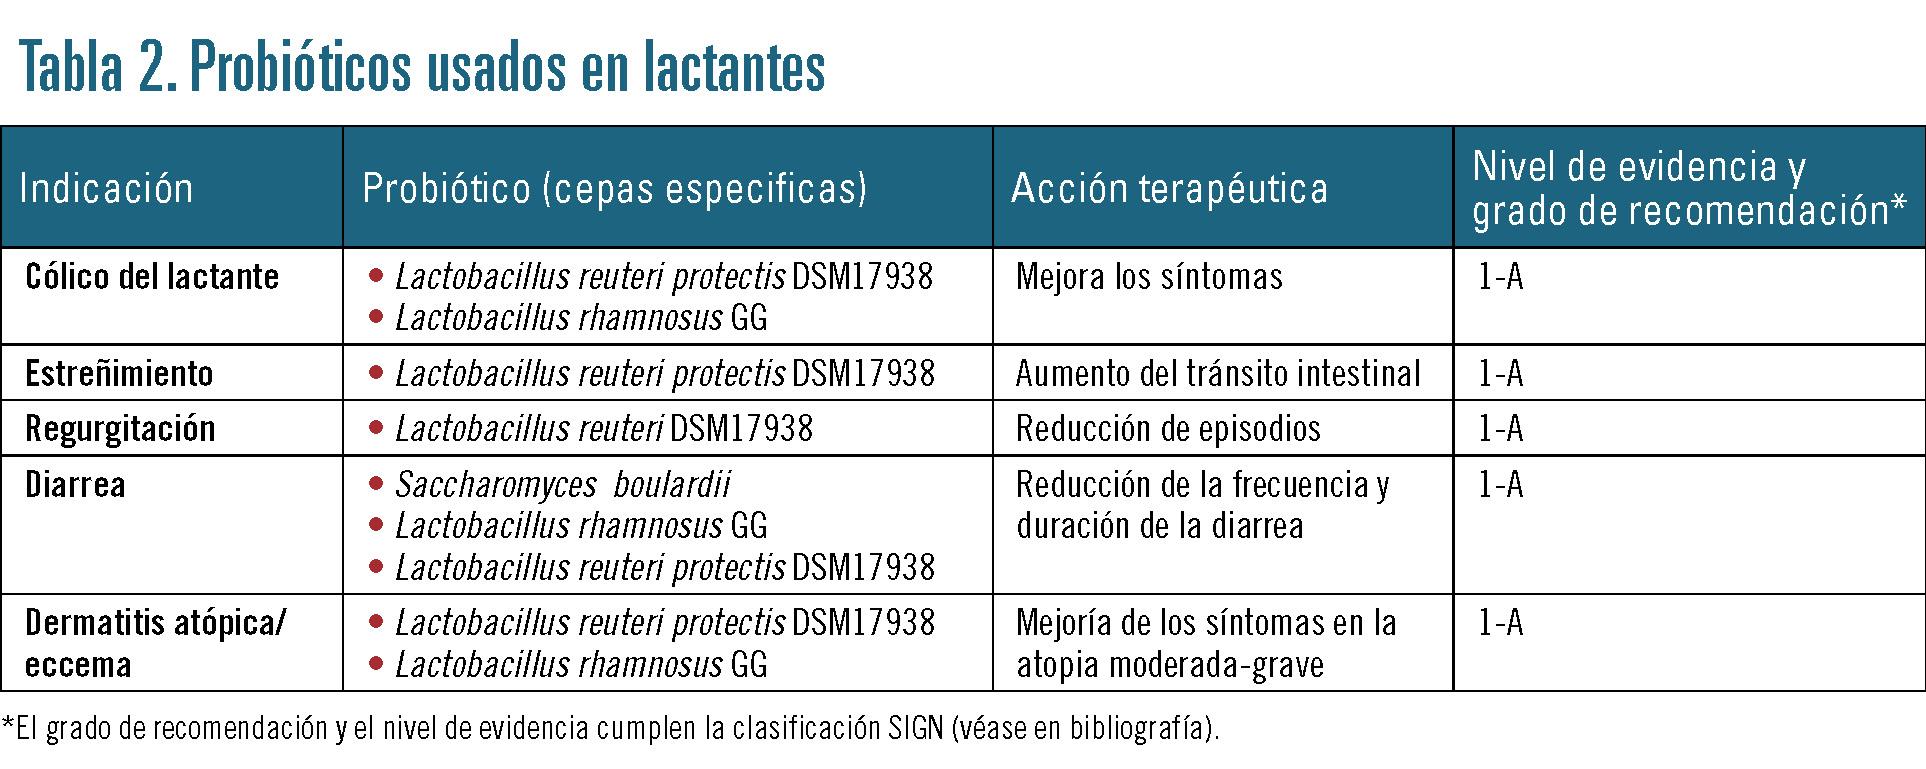 26 EF573 PROFESION ATENCION CUIDADOS tabla 2